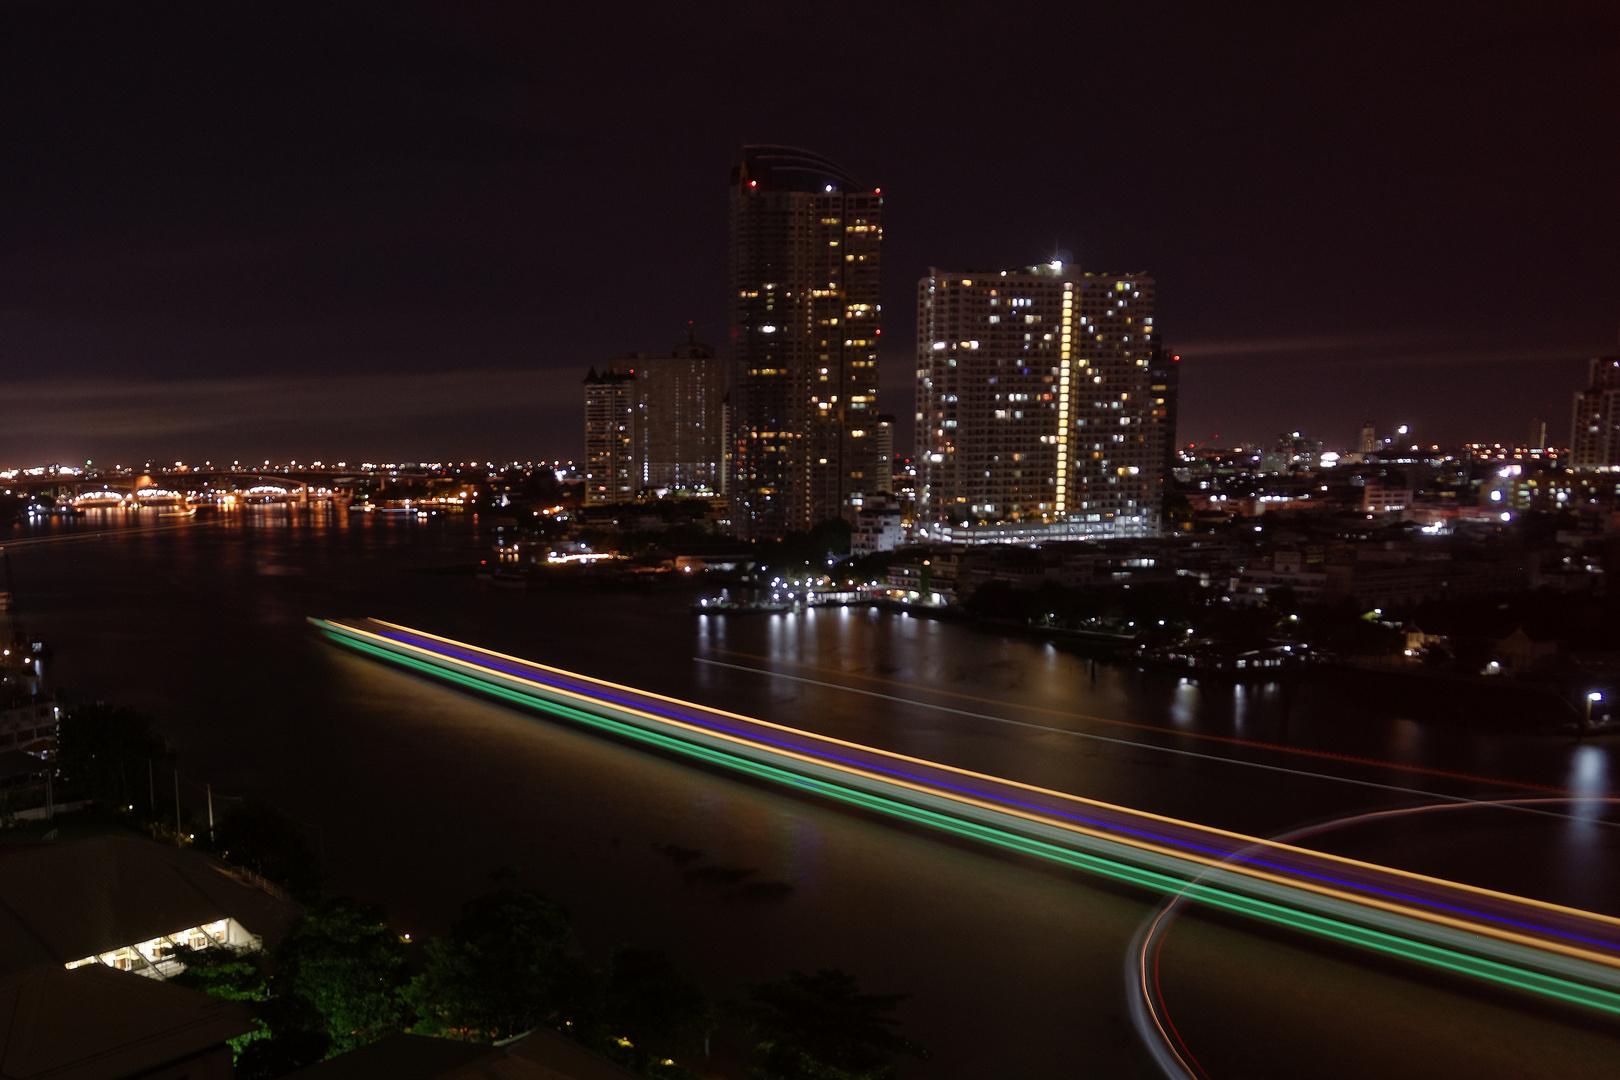 One night in Bangkok II